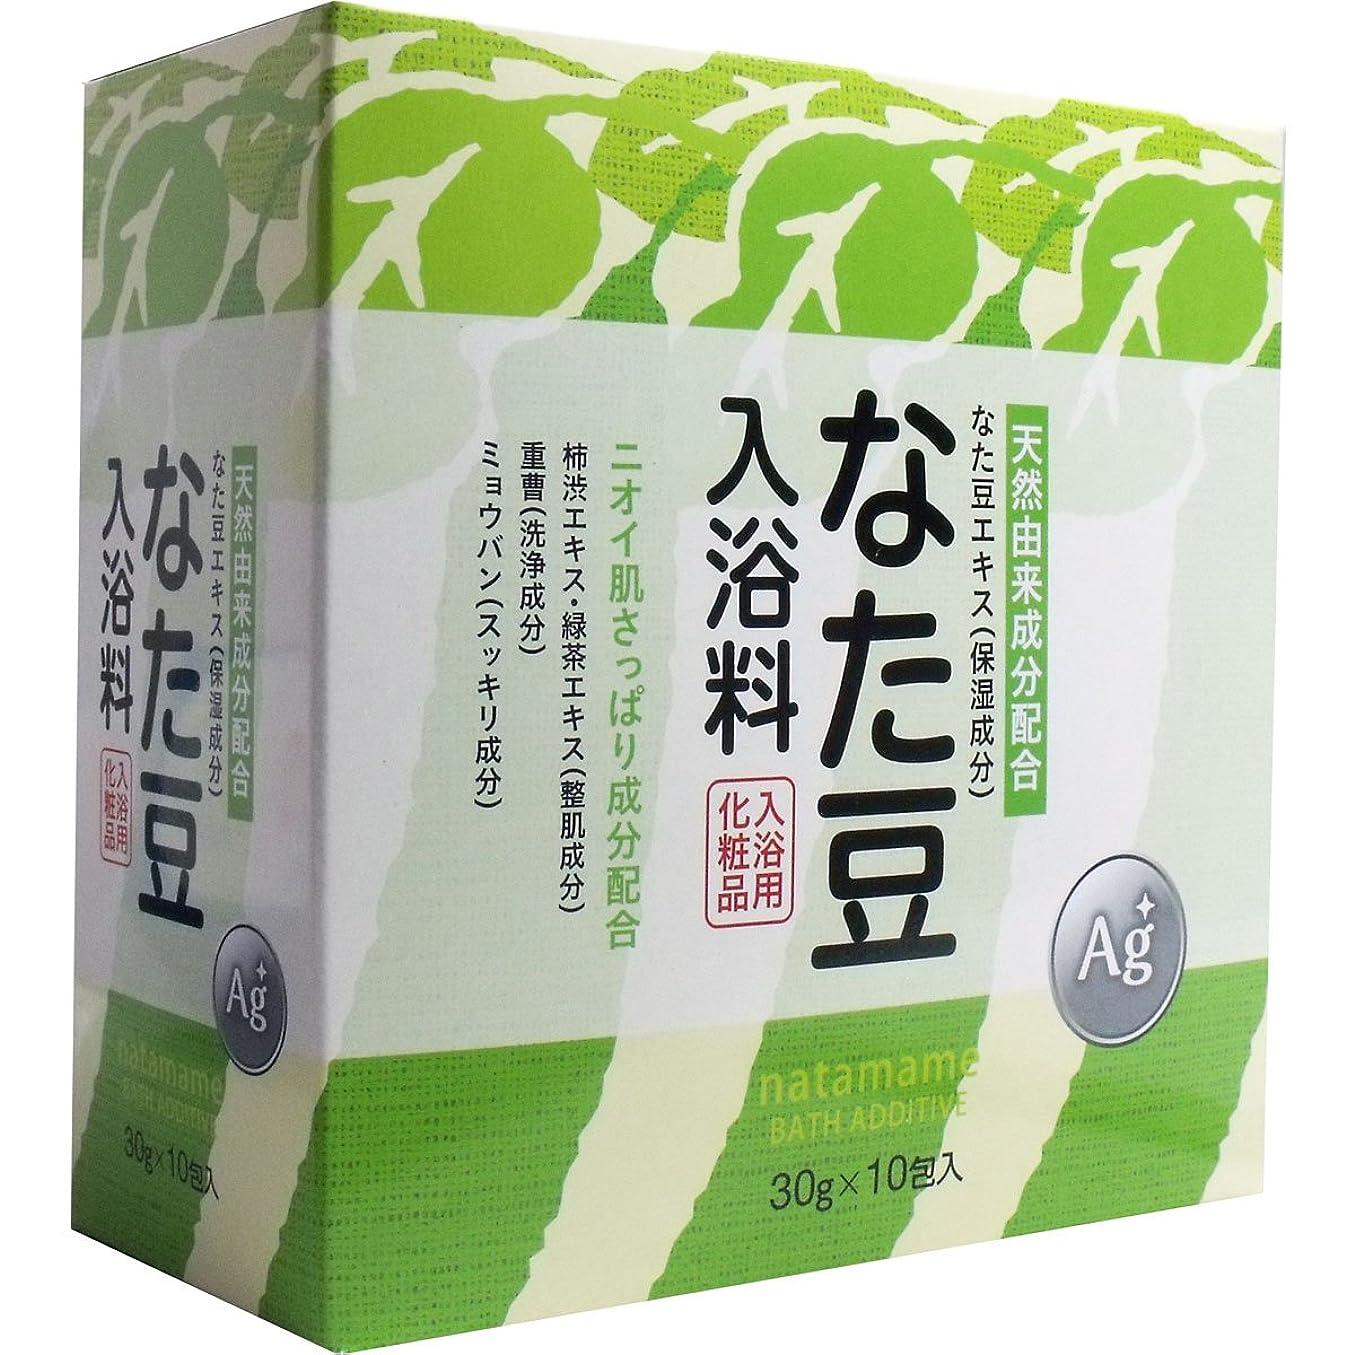 裁定経験的食器棚なた豆入浴料 入浴用化粧品 30g×10包入×6